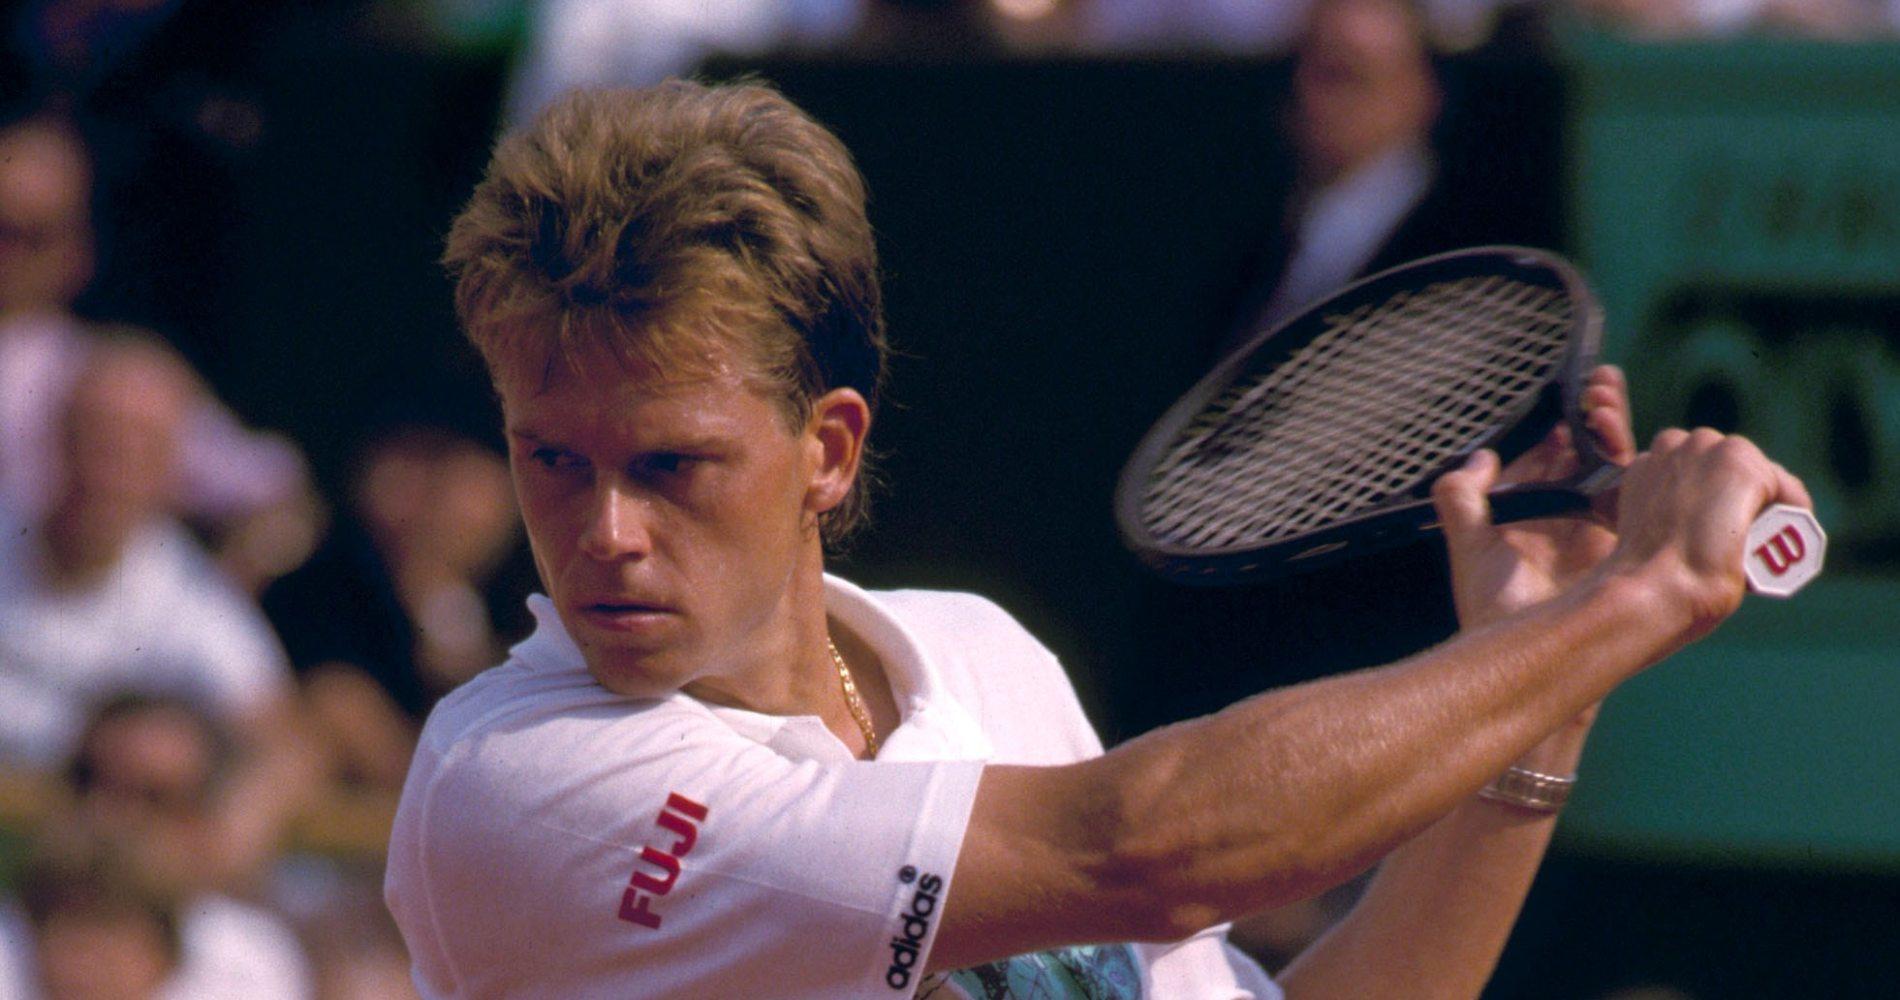 Stefan Edberg, 1989 French Open (Roland-Garros)